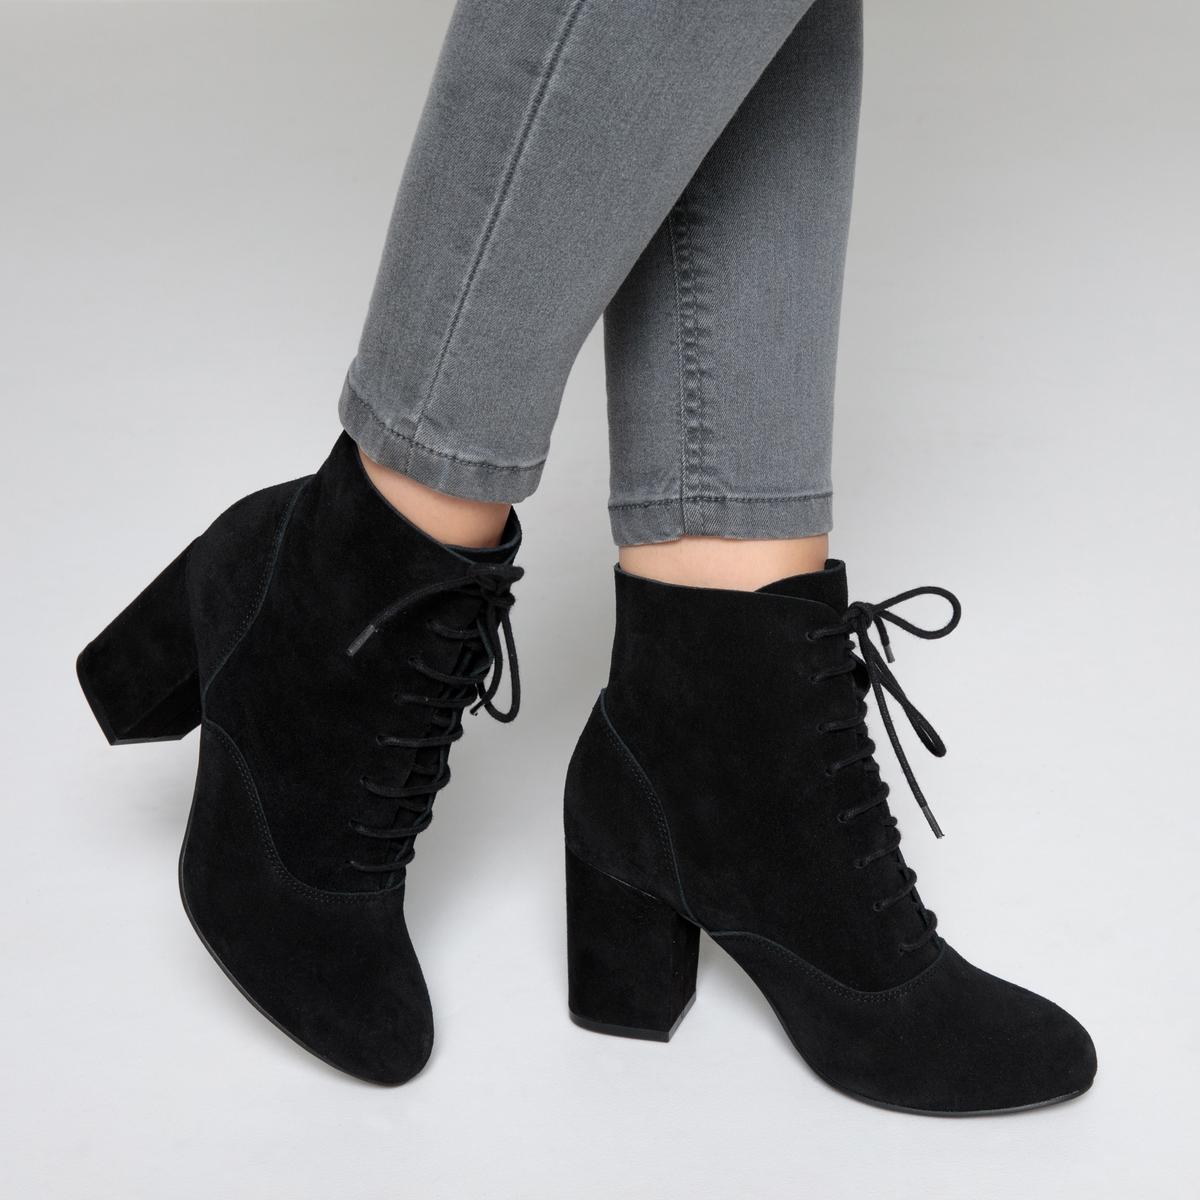 Ботильоны кожаные на шнуровке ботильоны на шнуровке orilegend